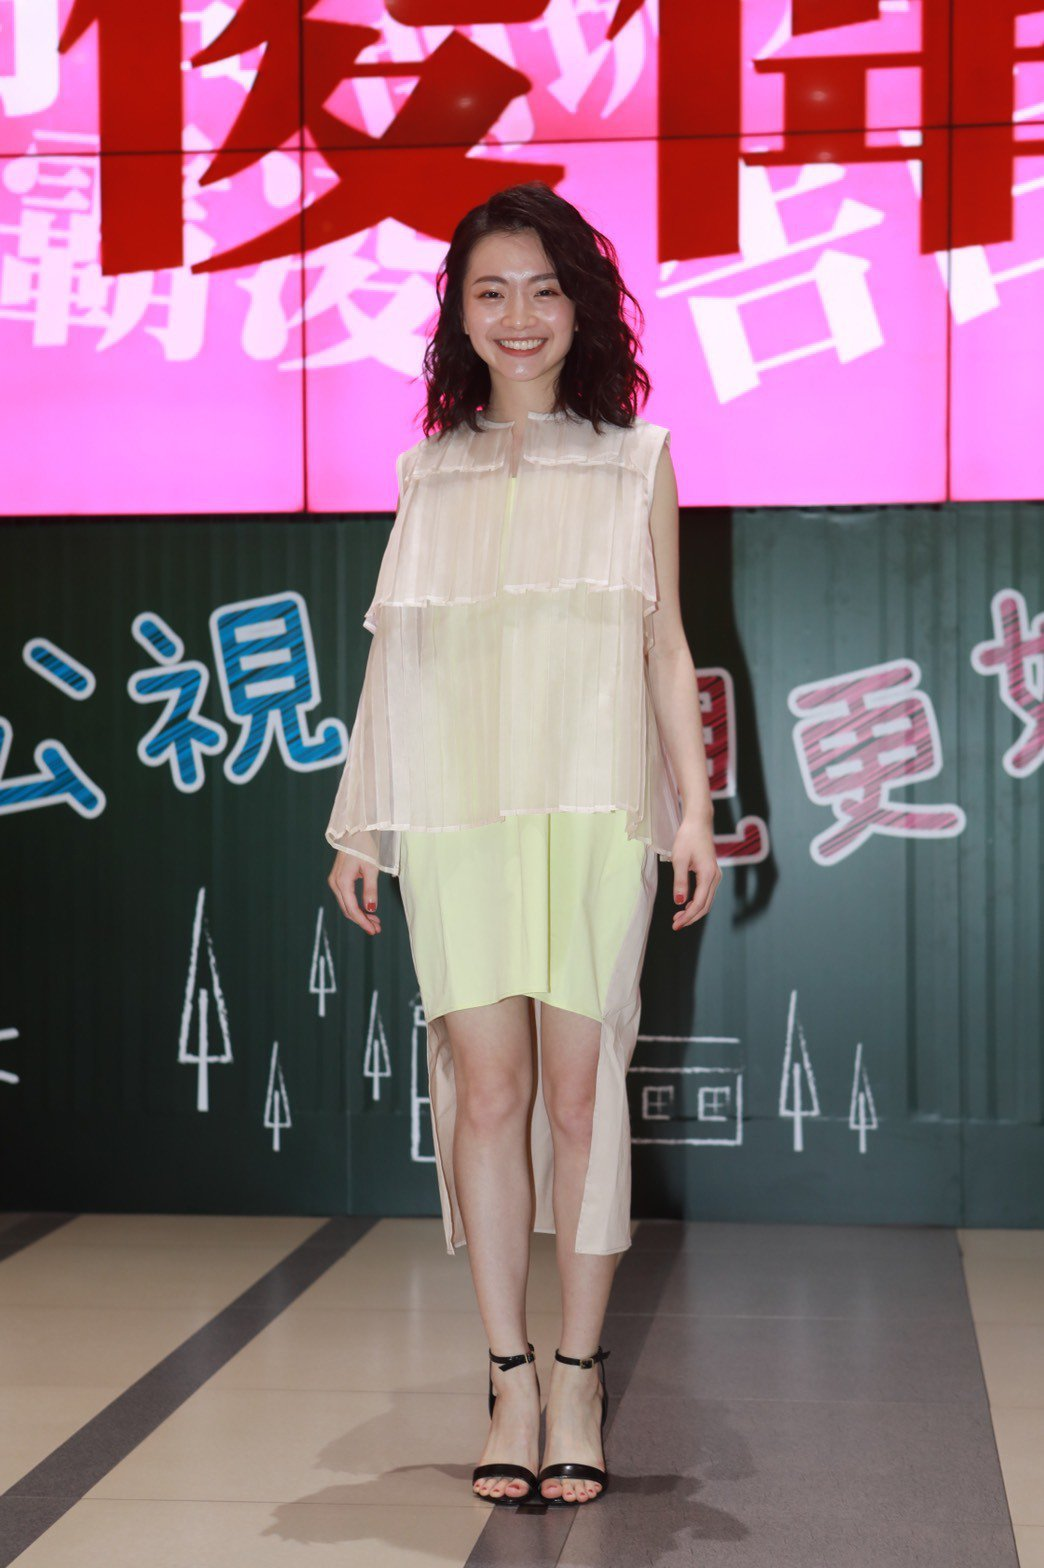 詹宛儒在「糖糖Online」戲中飾演故事主人翁「糖糖」。圖/公視提供